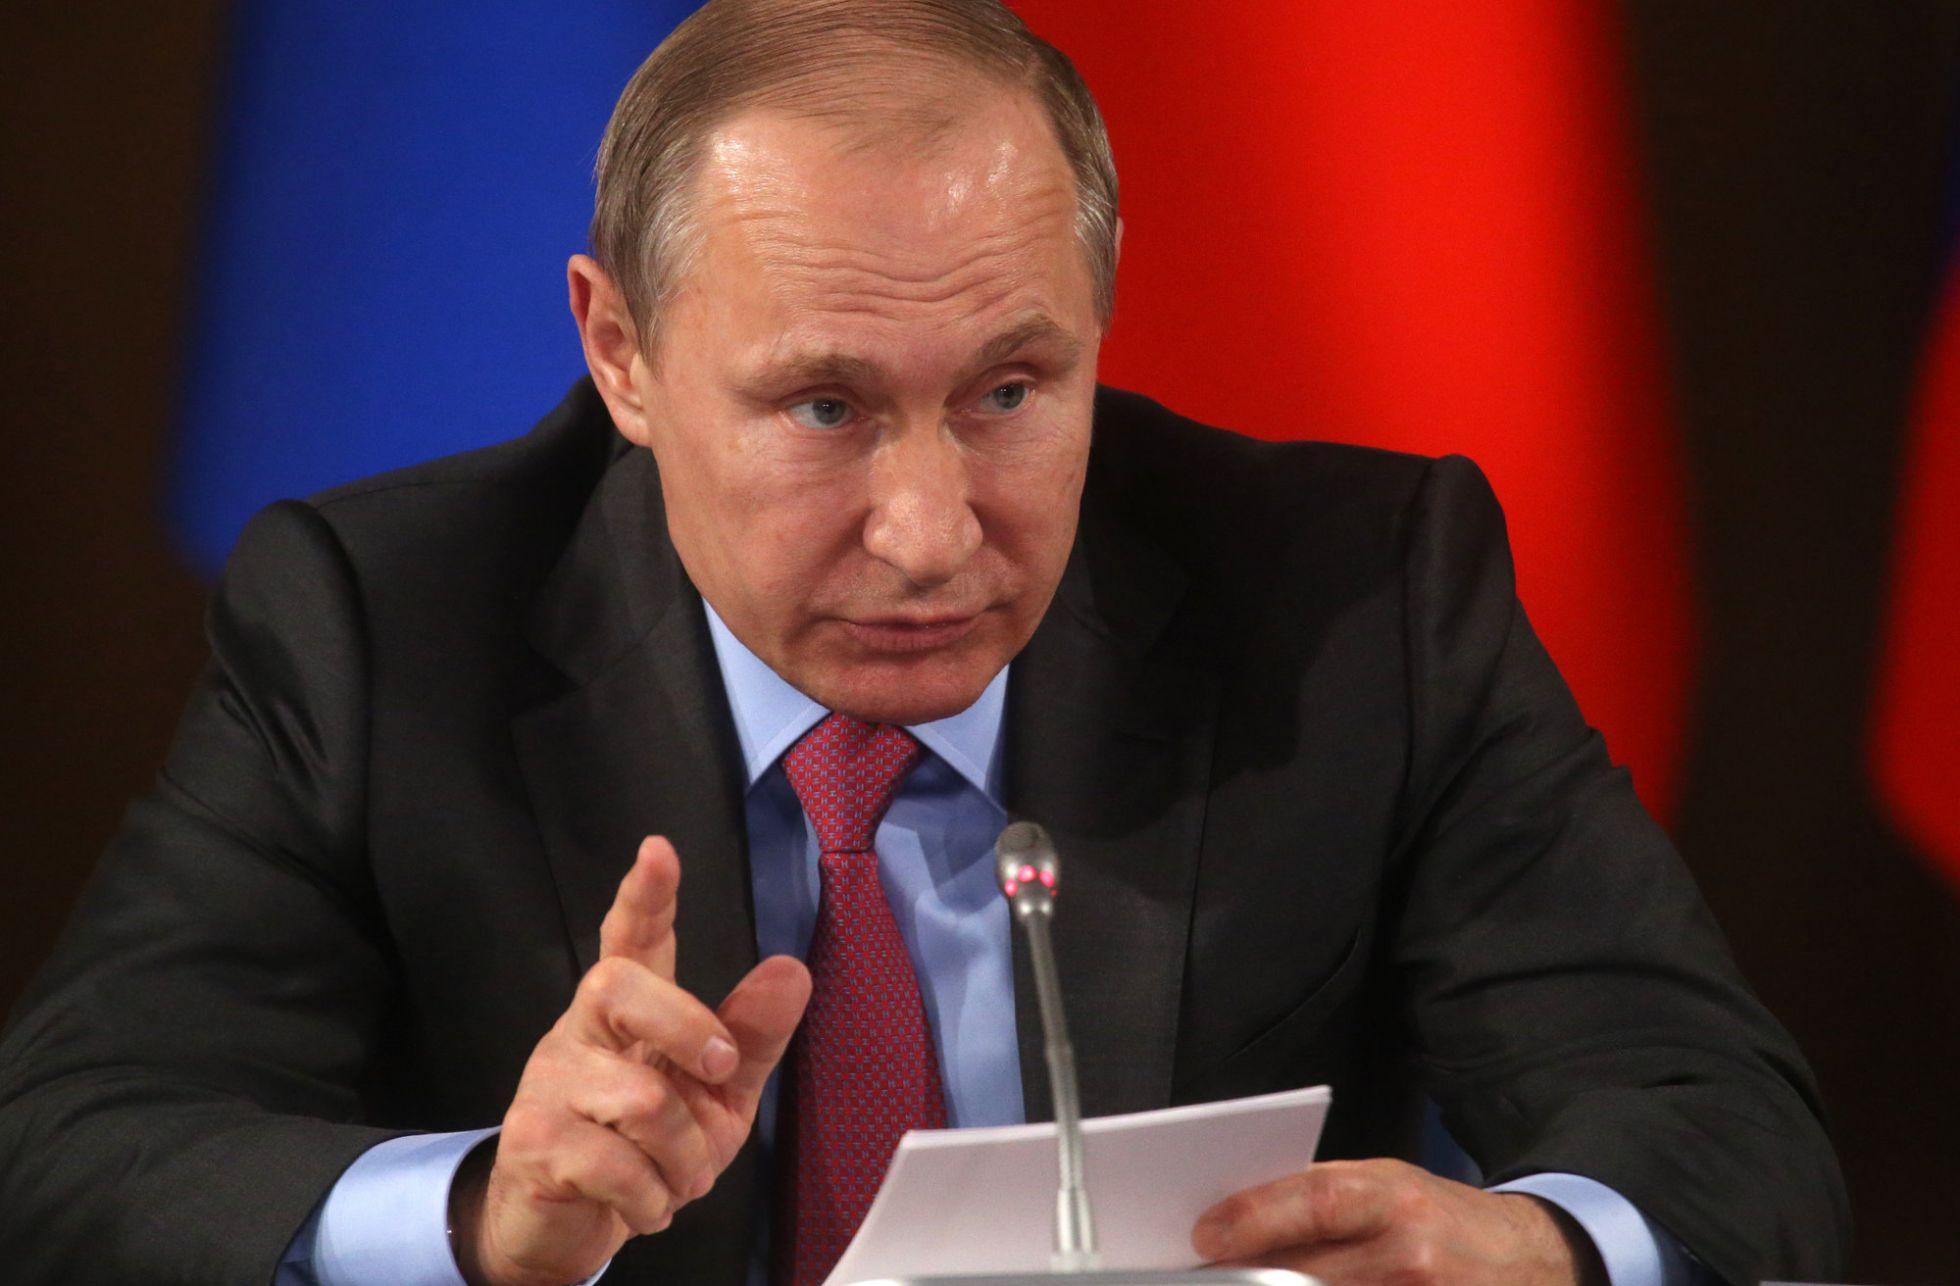 El Senado de Rusia autoriza el uso de las Fuerzas Aéreas en Siria - Página 39 1457977475_667089_1457977887_noticia_normal_recorte1